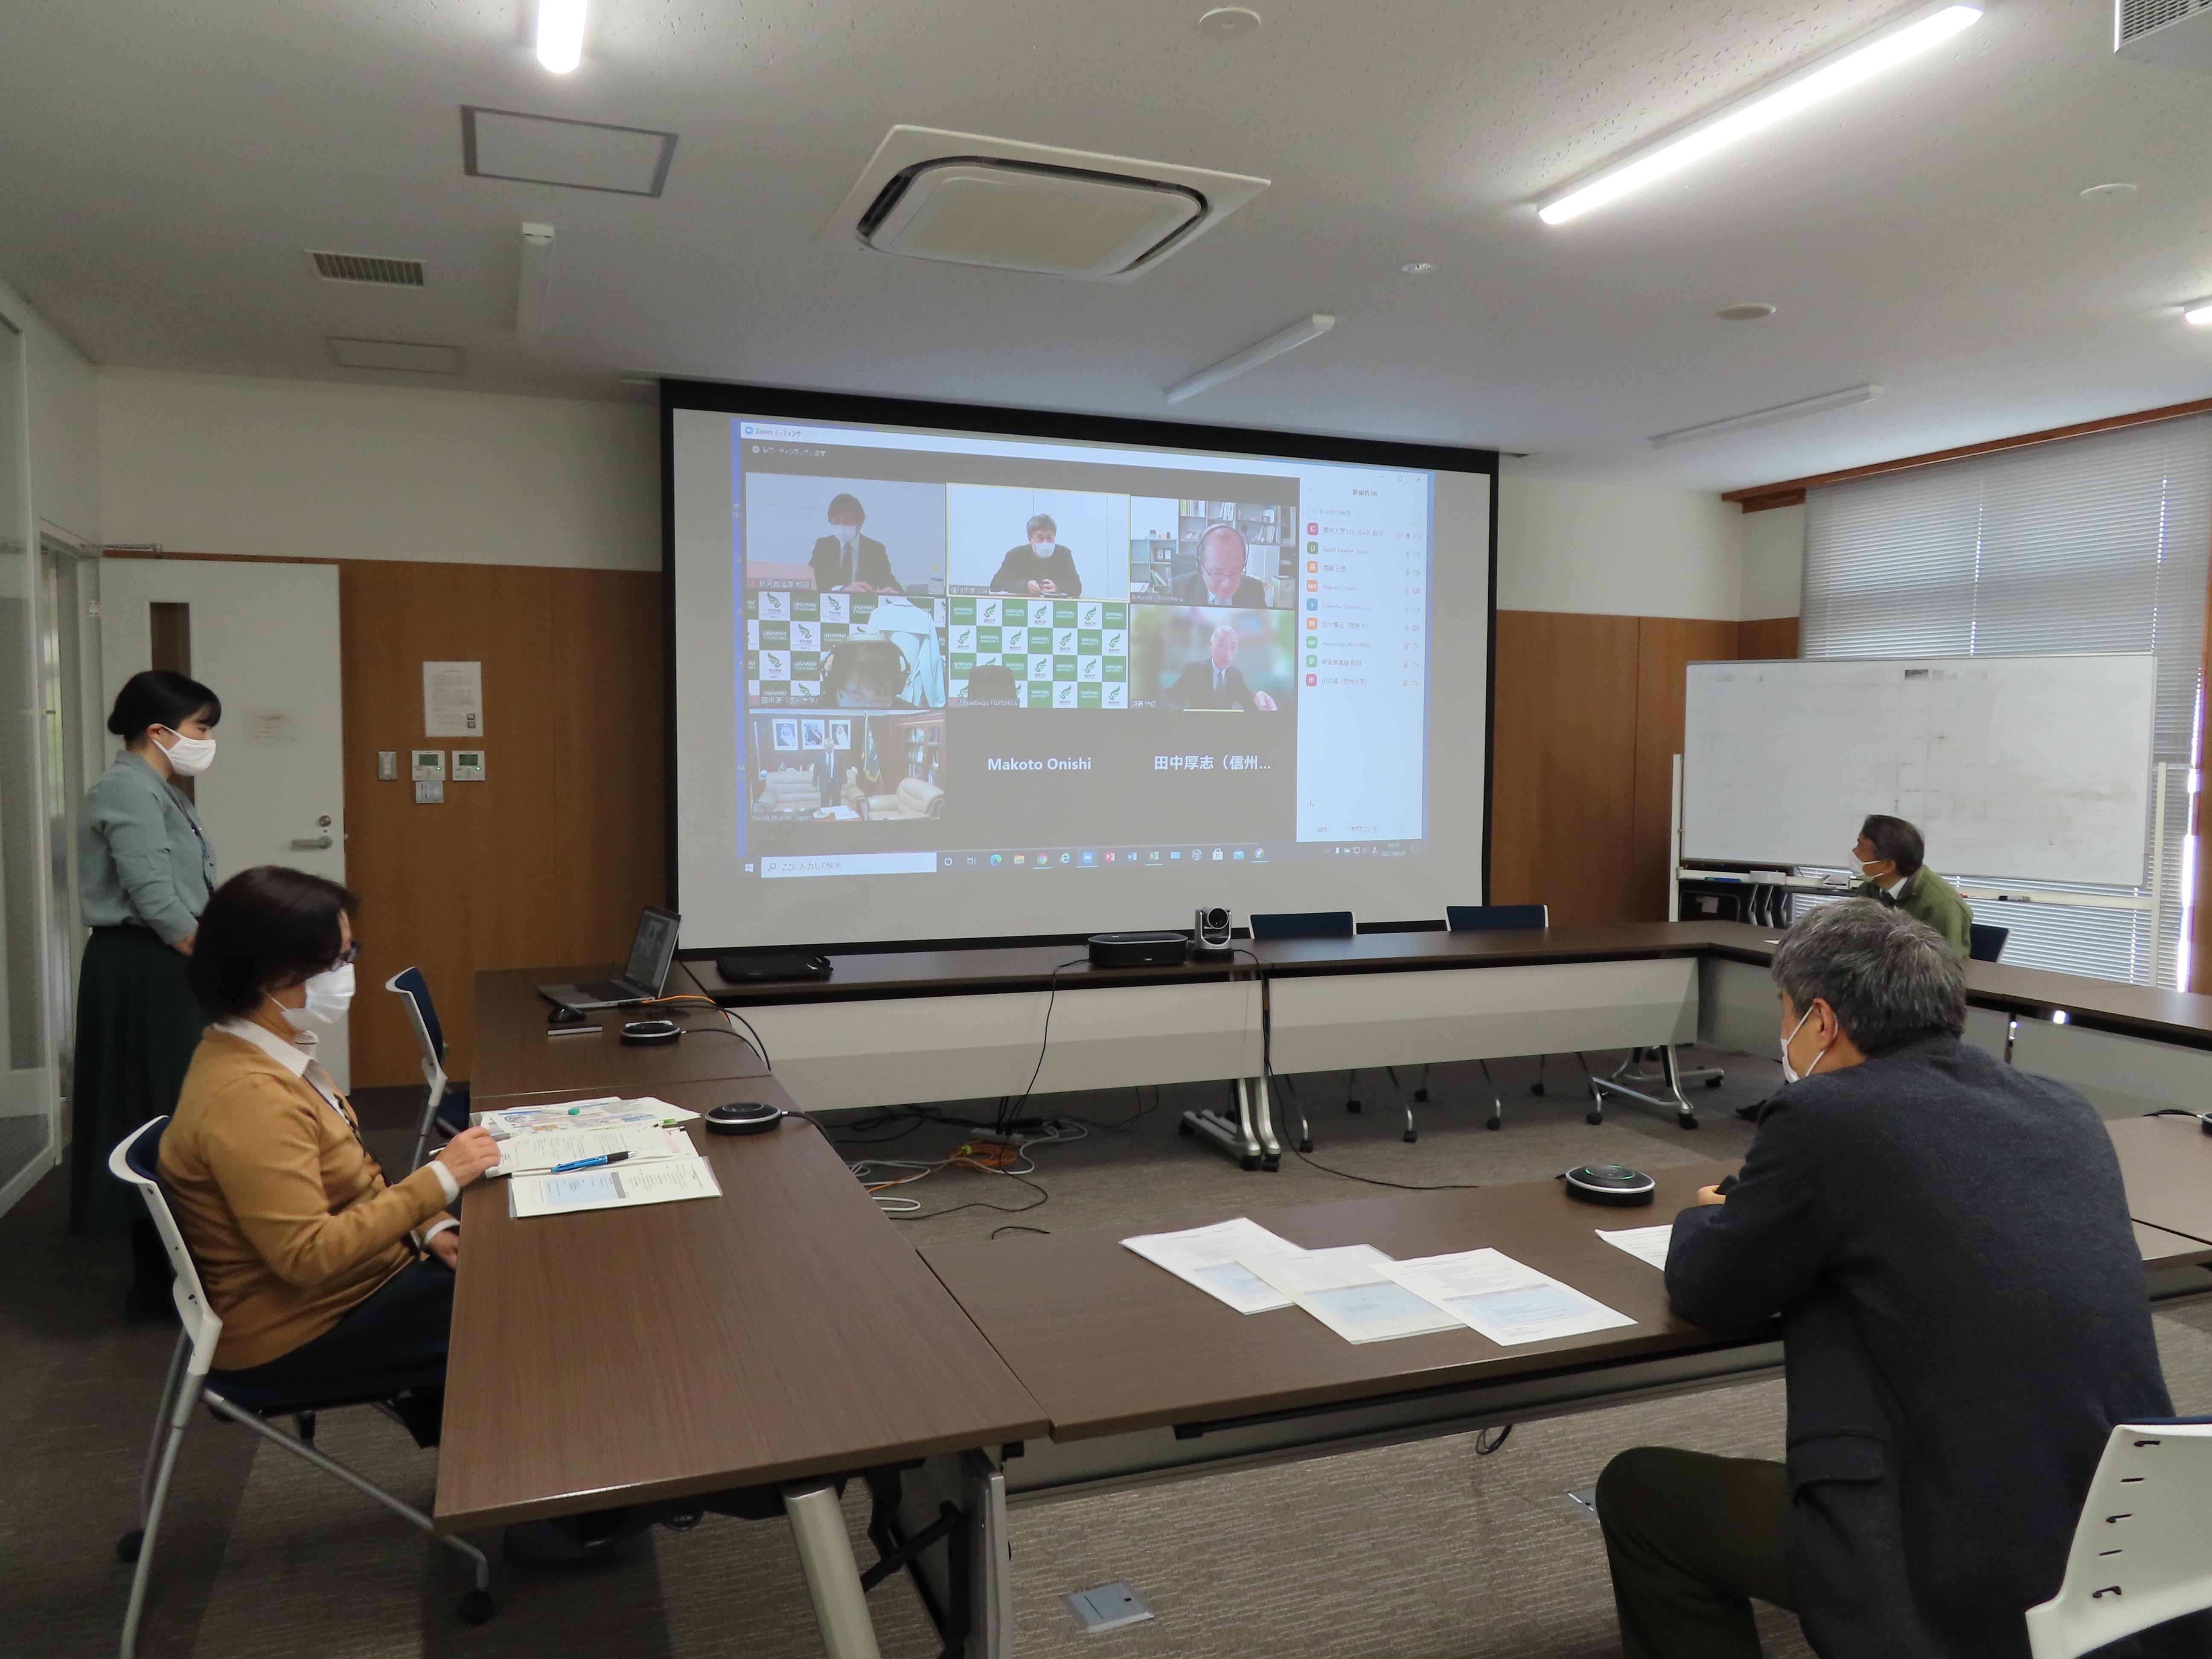 サウジアラビア文化アタッシェと意見交換会を開催の写真